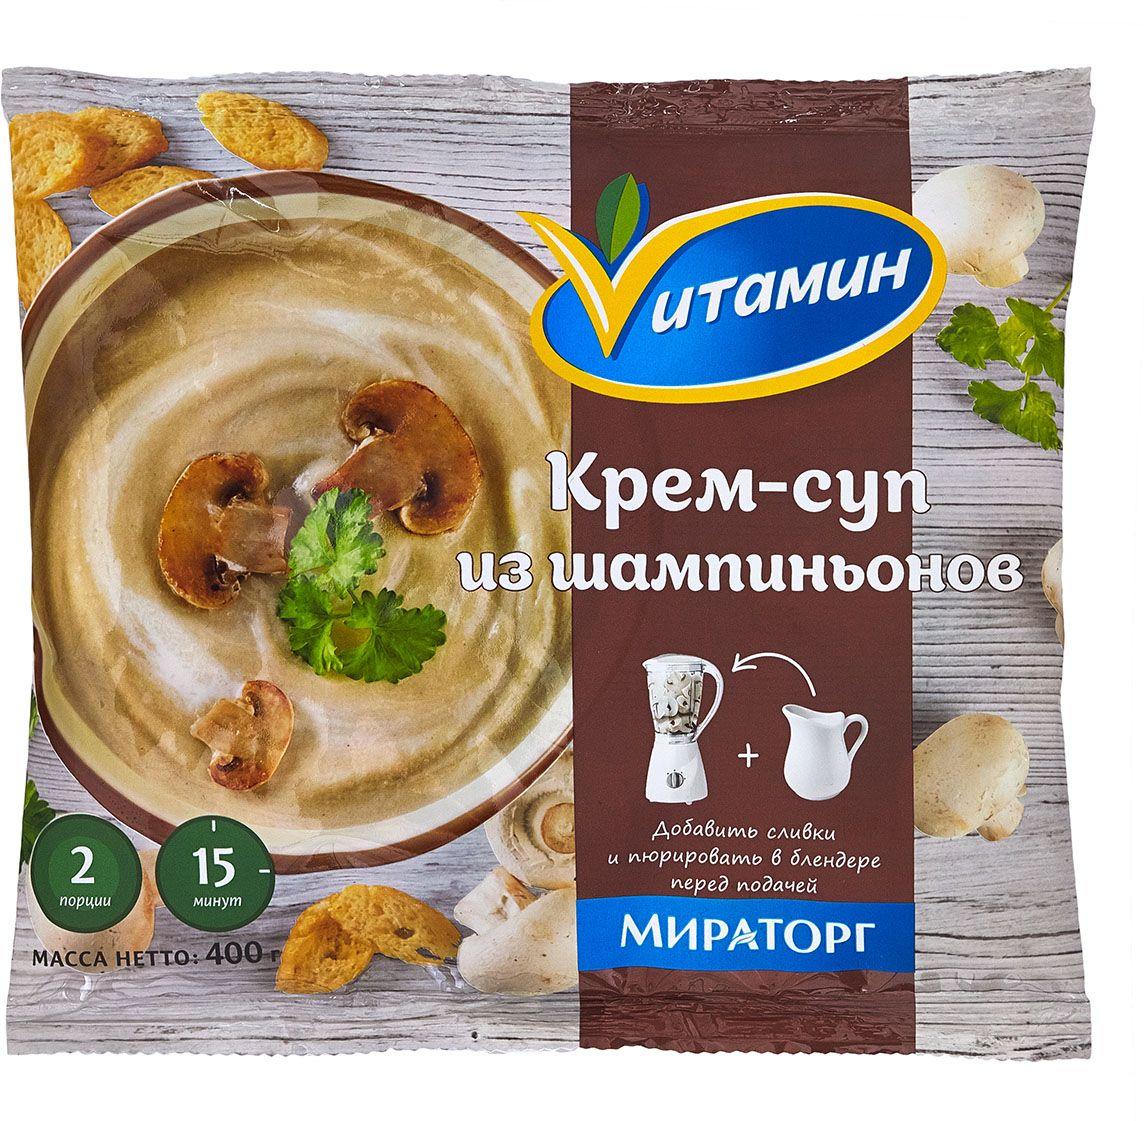 Крем-суп из шампиньонов Vитамин, 400 г суп том кха